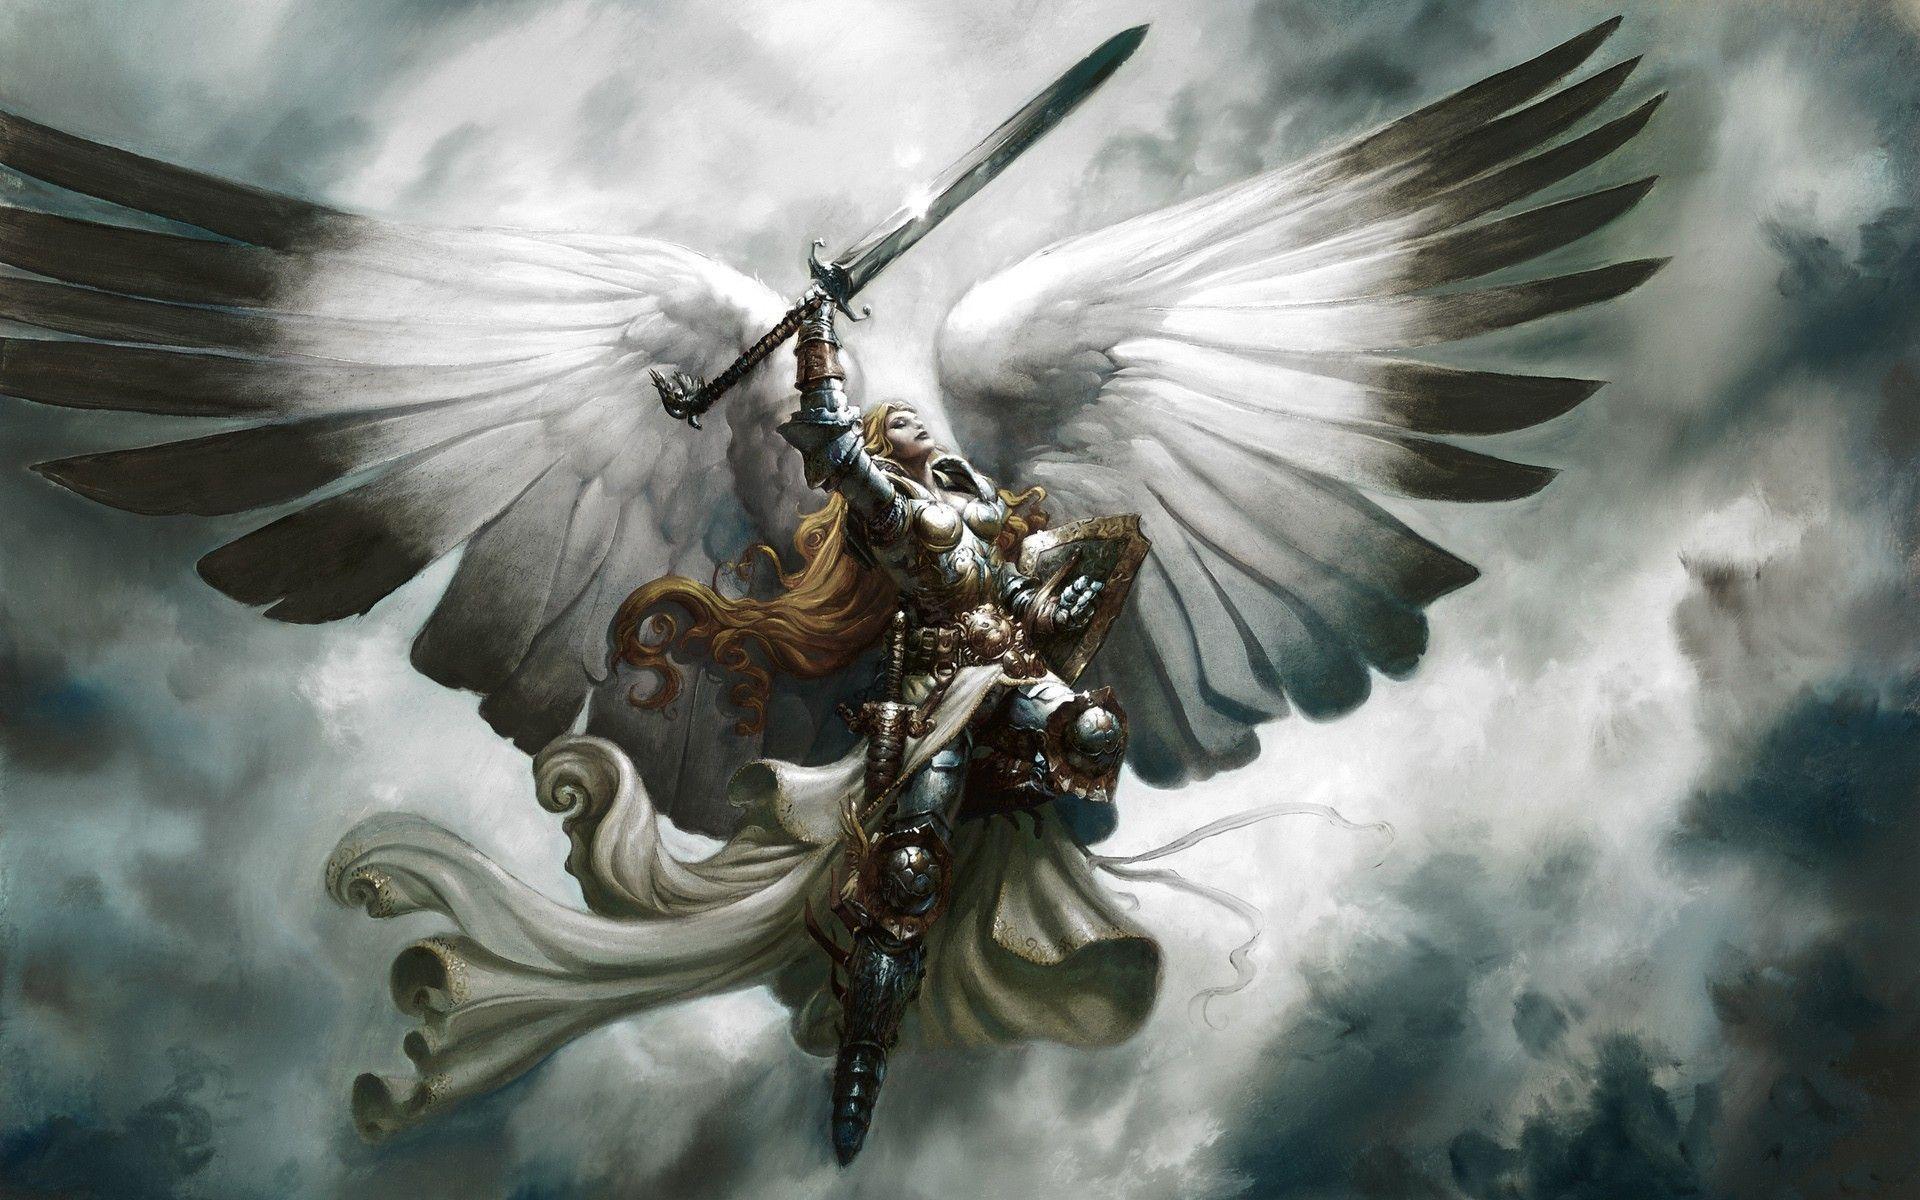 Angel Warrior Wallpapers Top Free Angel Warrior Backgrounds